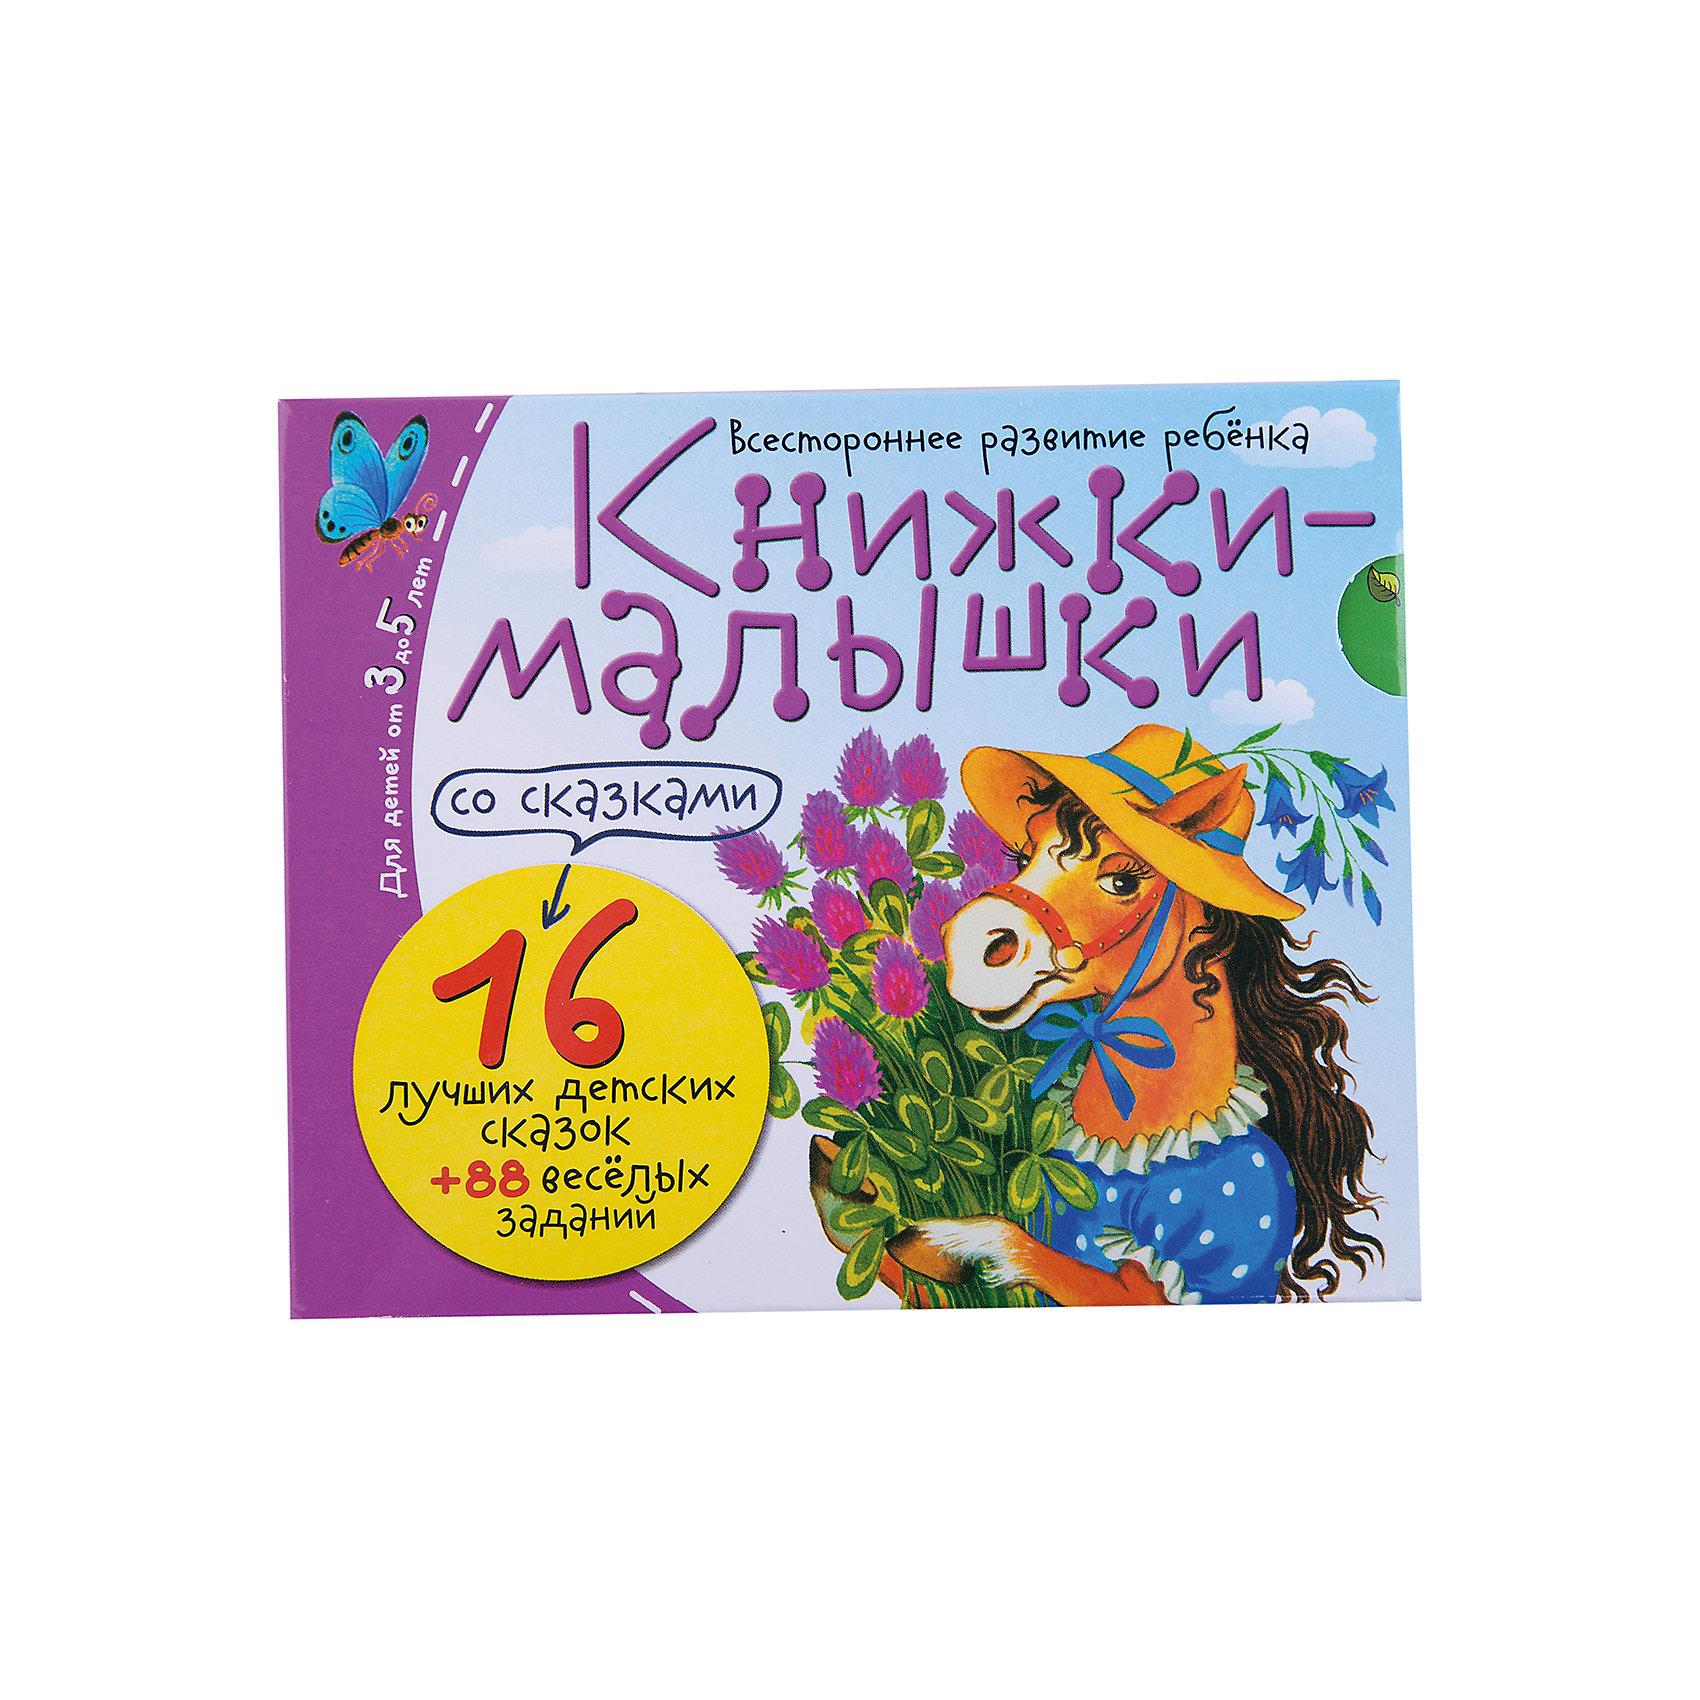 Книжки-малышки со сказкамиРусские сказки<br>В комплект входят 16 книжек, в которых ребёнок не только встретится с героями любимых сказок, но и решит занимательные задачки для всестороннего развития. Вооружившись карандашом, это можно сделать прямо в книге. А красочные иллюстрации создатут радостную атмосферу занятий.&#13;<br> Адресовано детям 3-5 лет.<br><br>В комплекте:<br>Аленький цветочек<br>Теремок<br>Репка<br>Кто самый красивый?<br>Почему совы летают ночью?<br>Как щенок учился лаять<br>Мужик и заяц<br>Гадкий утенок<br>Горшочек каши<br>Три поросенка<br>Белоснежка и семь гномов<br>Лиса и волк<br>Три медведя<br>Красная Шапочка<br>Золушка<br>Стойкий оловянный солдатик.<br><br>Ширина мм: 44<br>Глубина мм: 135<br>Высота мм: 110<br>Вес г: 300<br>Возраст от месяцев: 36<br>Возраст до месяцев: 60<br>Пол: Унисекс<br>Возраст: Детский<br>SKU: 6849657